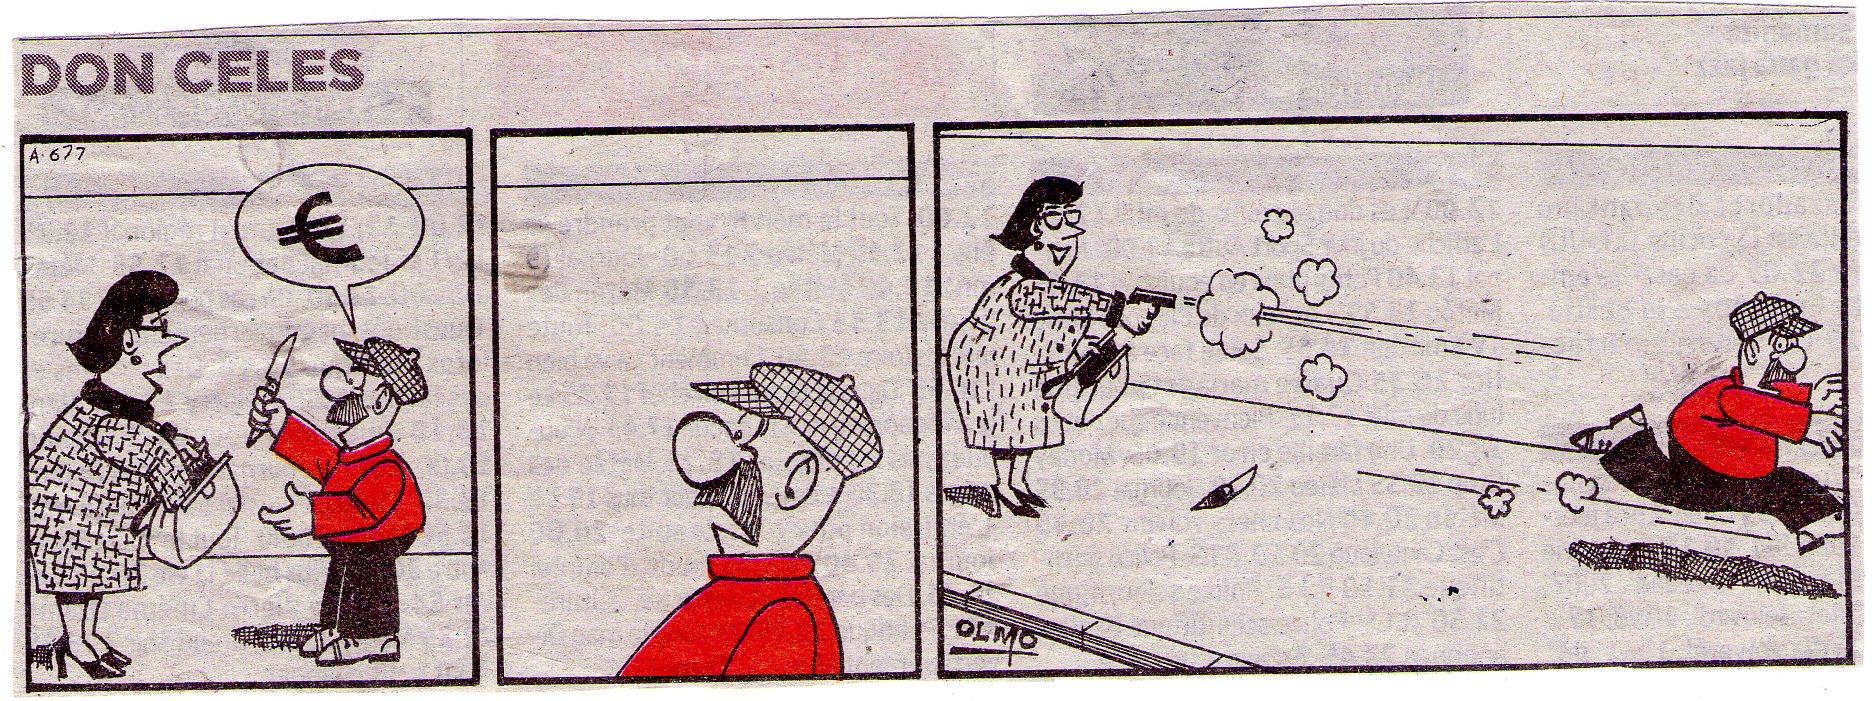 Don Celes atracando a una señora armada